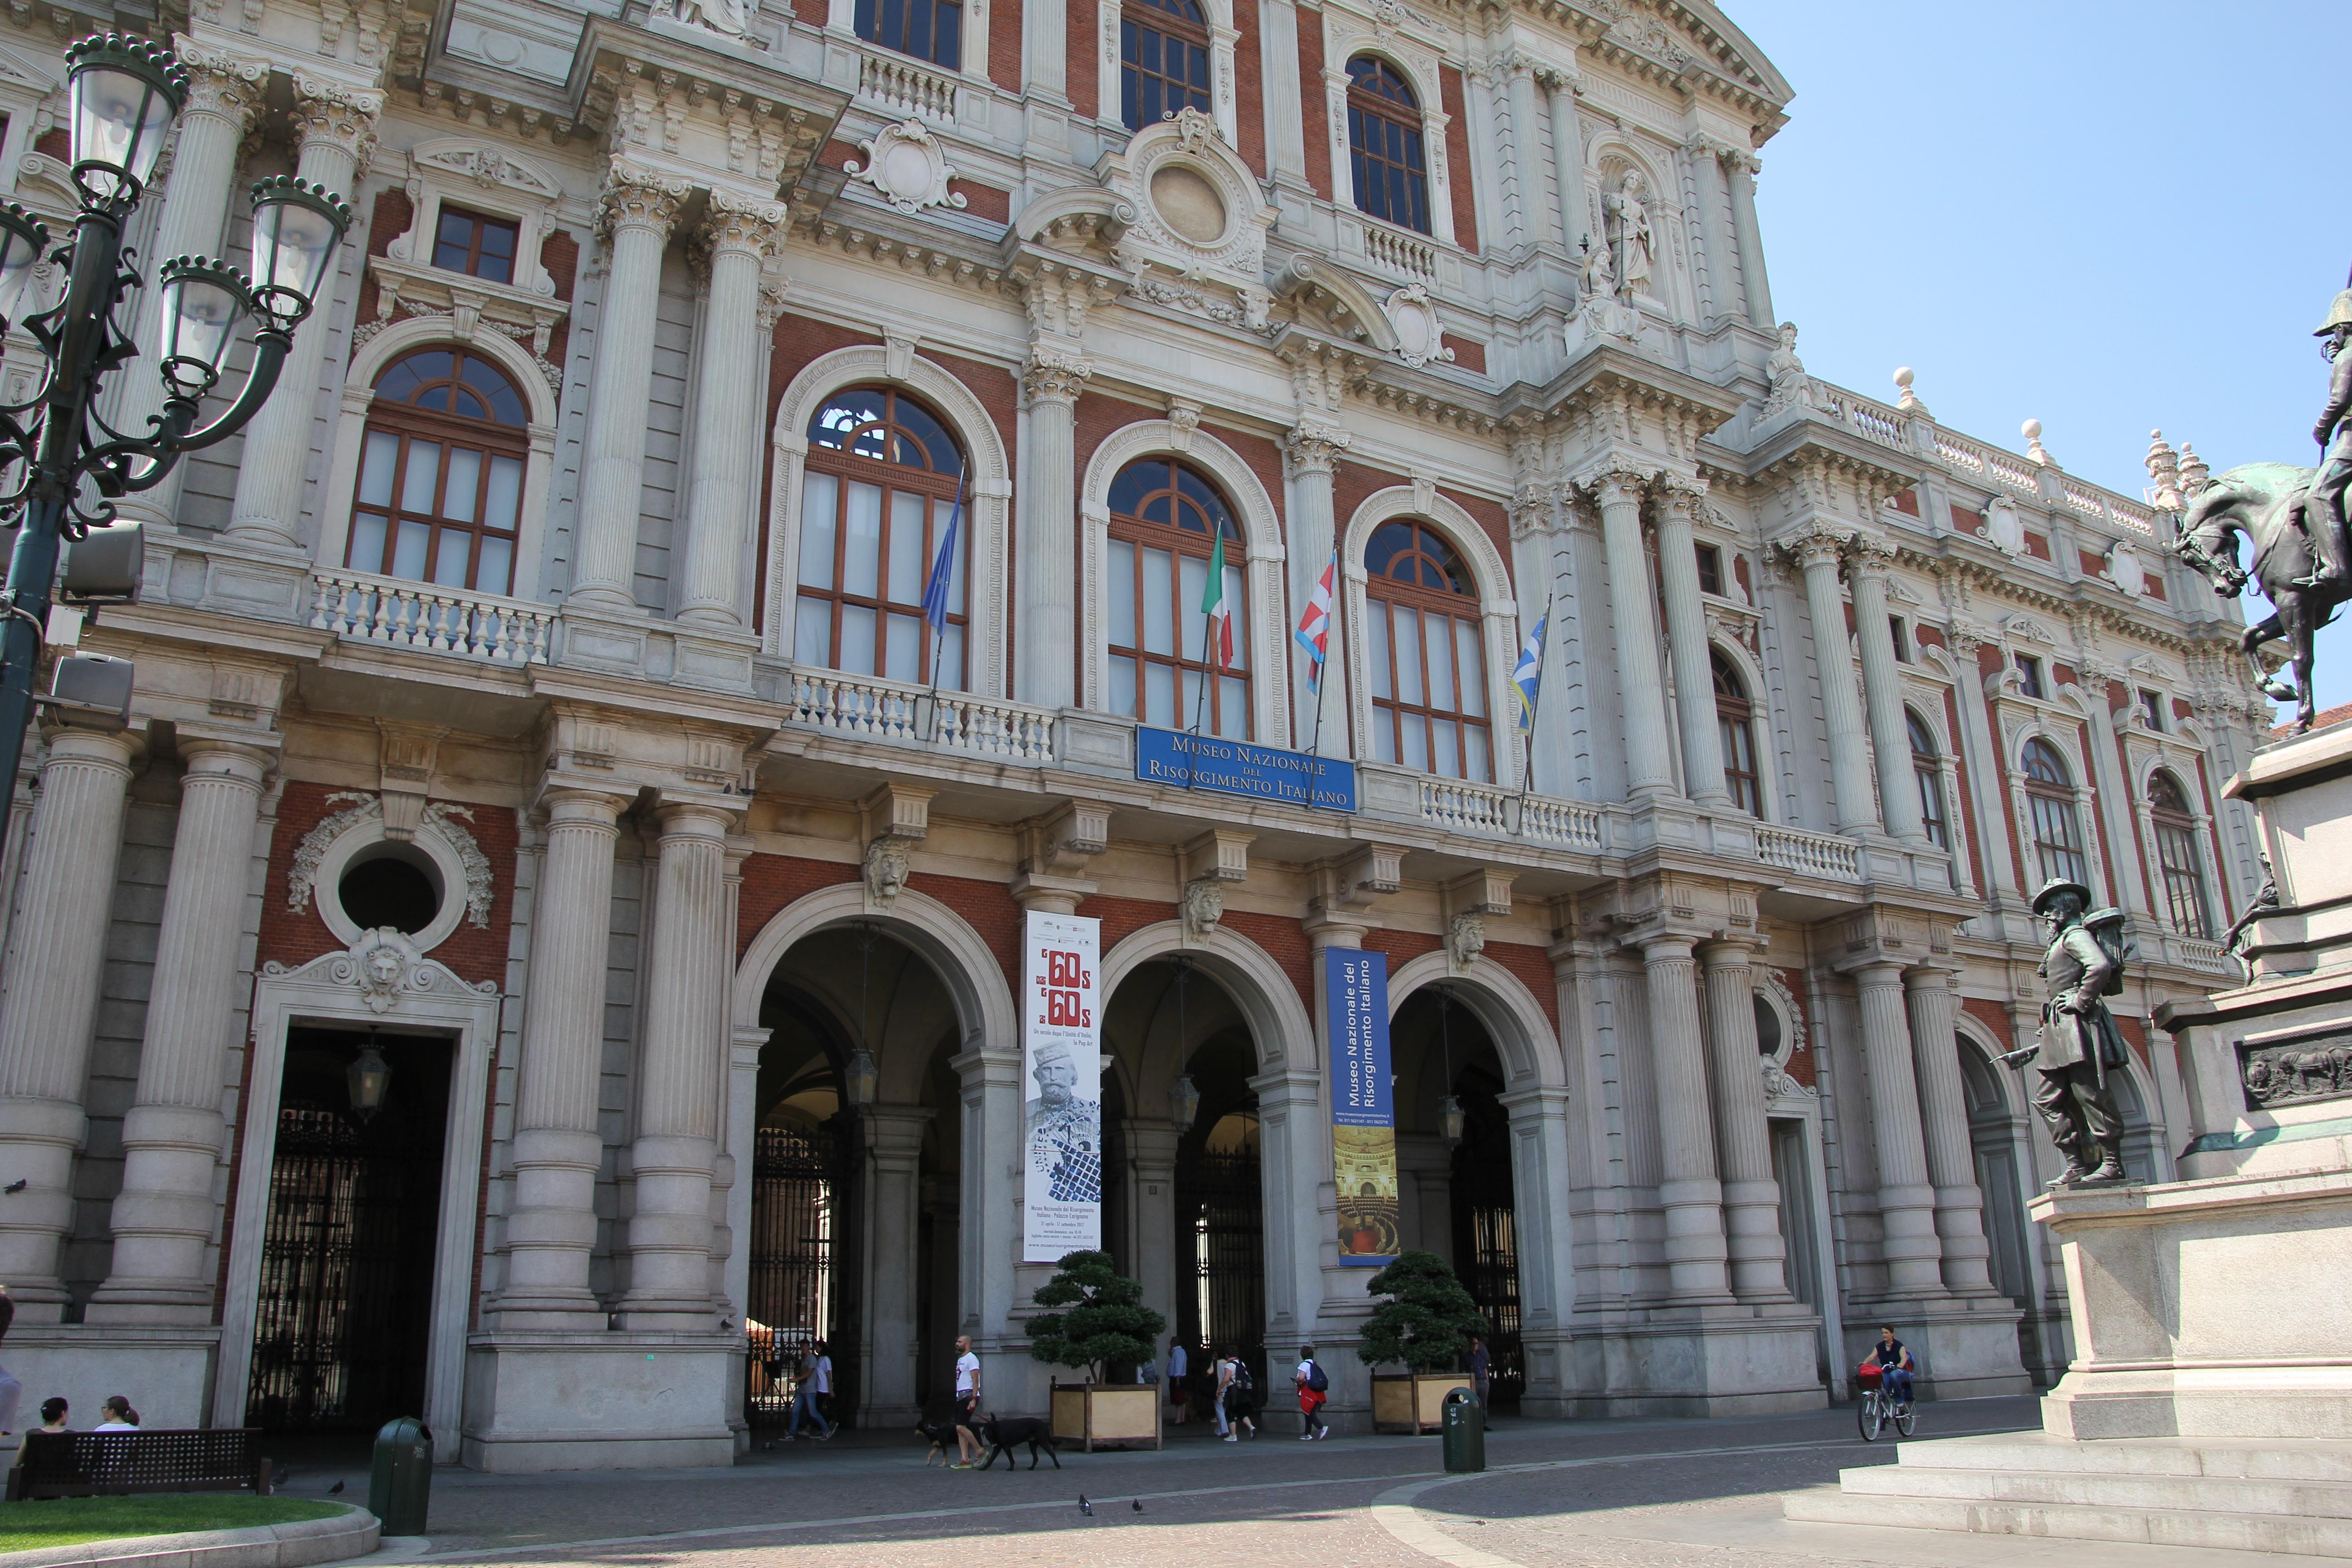 Museo Del Risorgimento Torino.File Torino Museo Del Risorgimento Italiano 03 Jpg Wikimedia